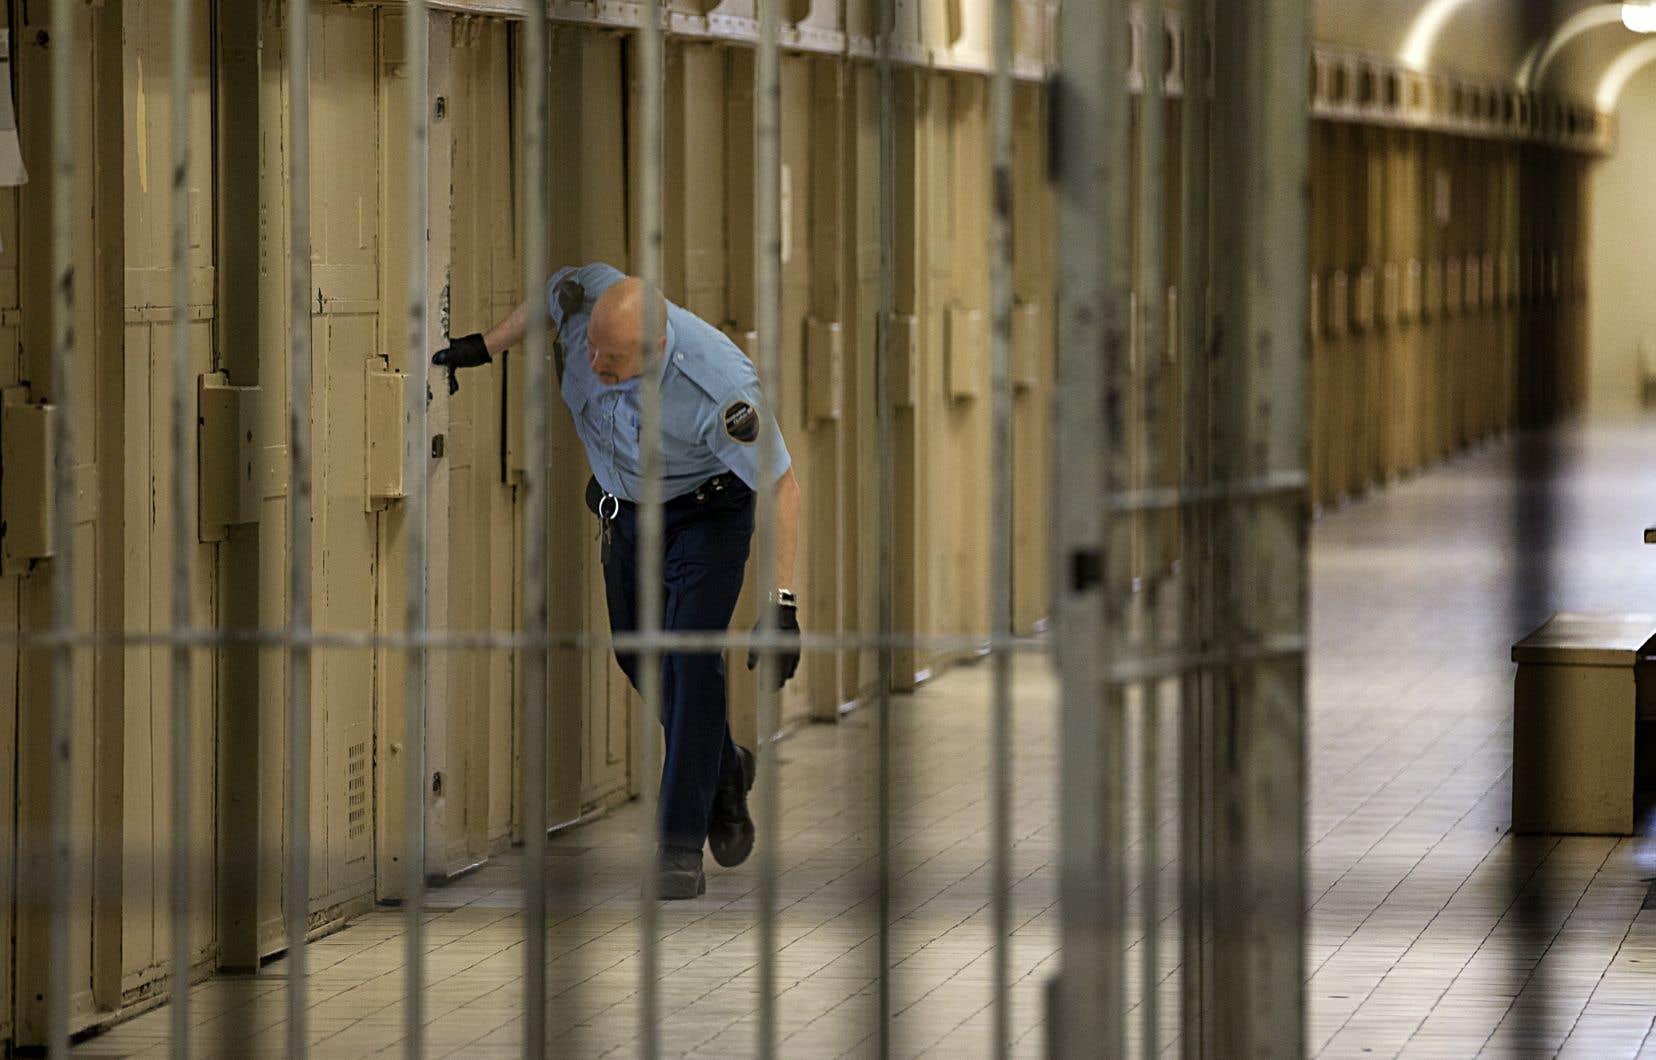 Parmi ces contrevenants, 10 se trouvent à la prison de Bordeaux.